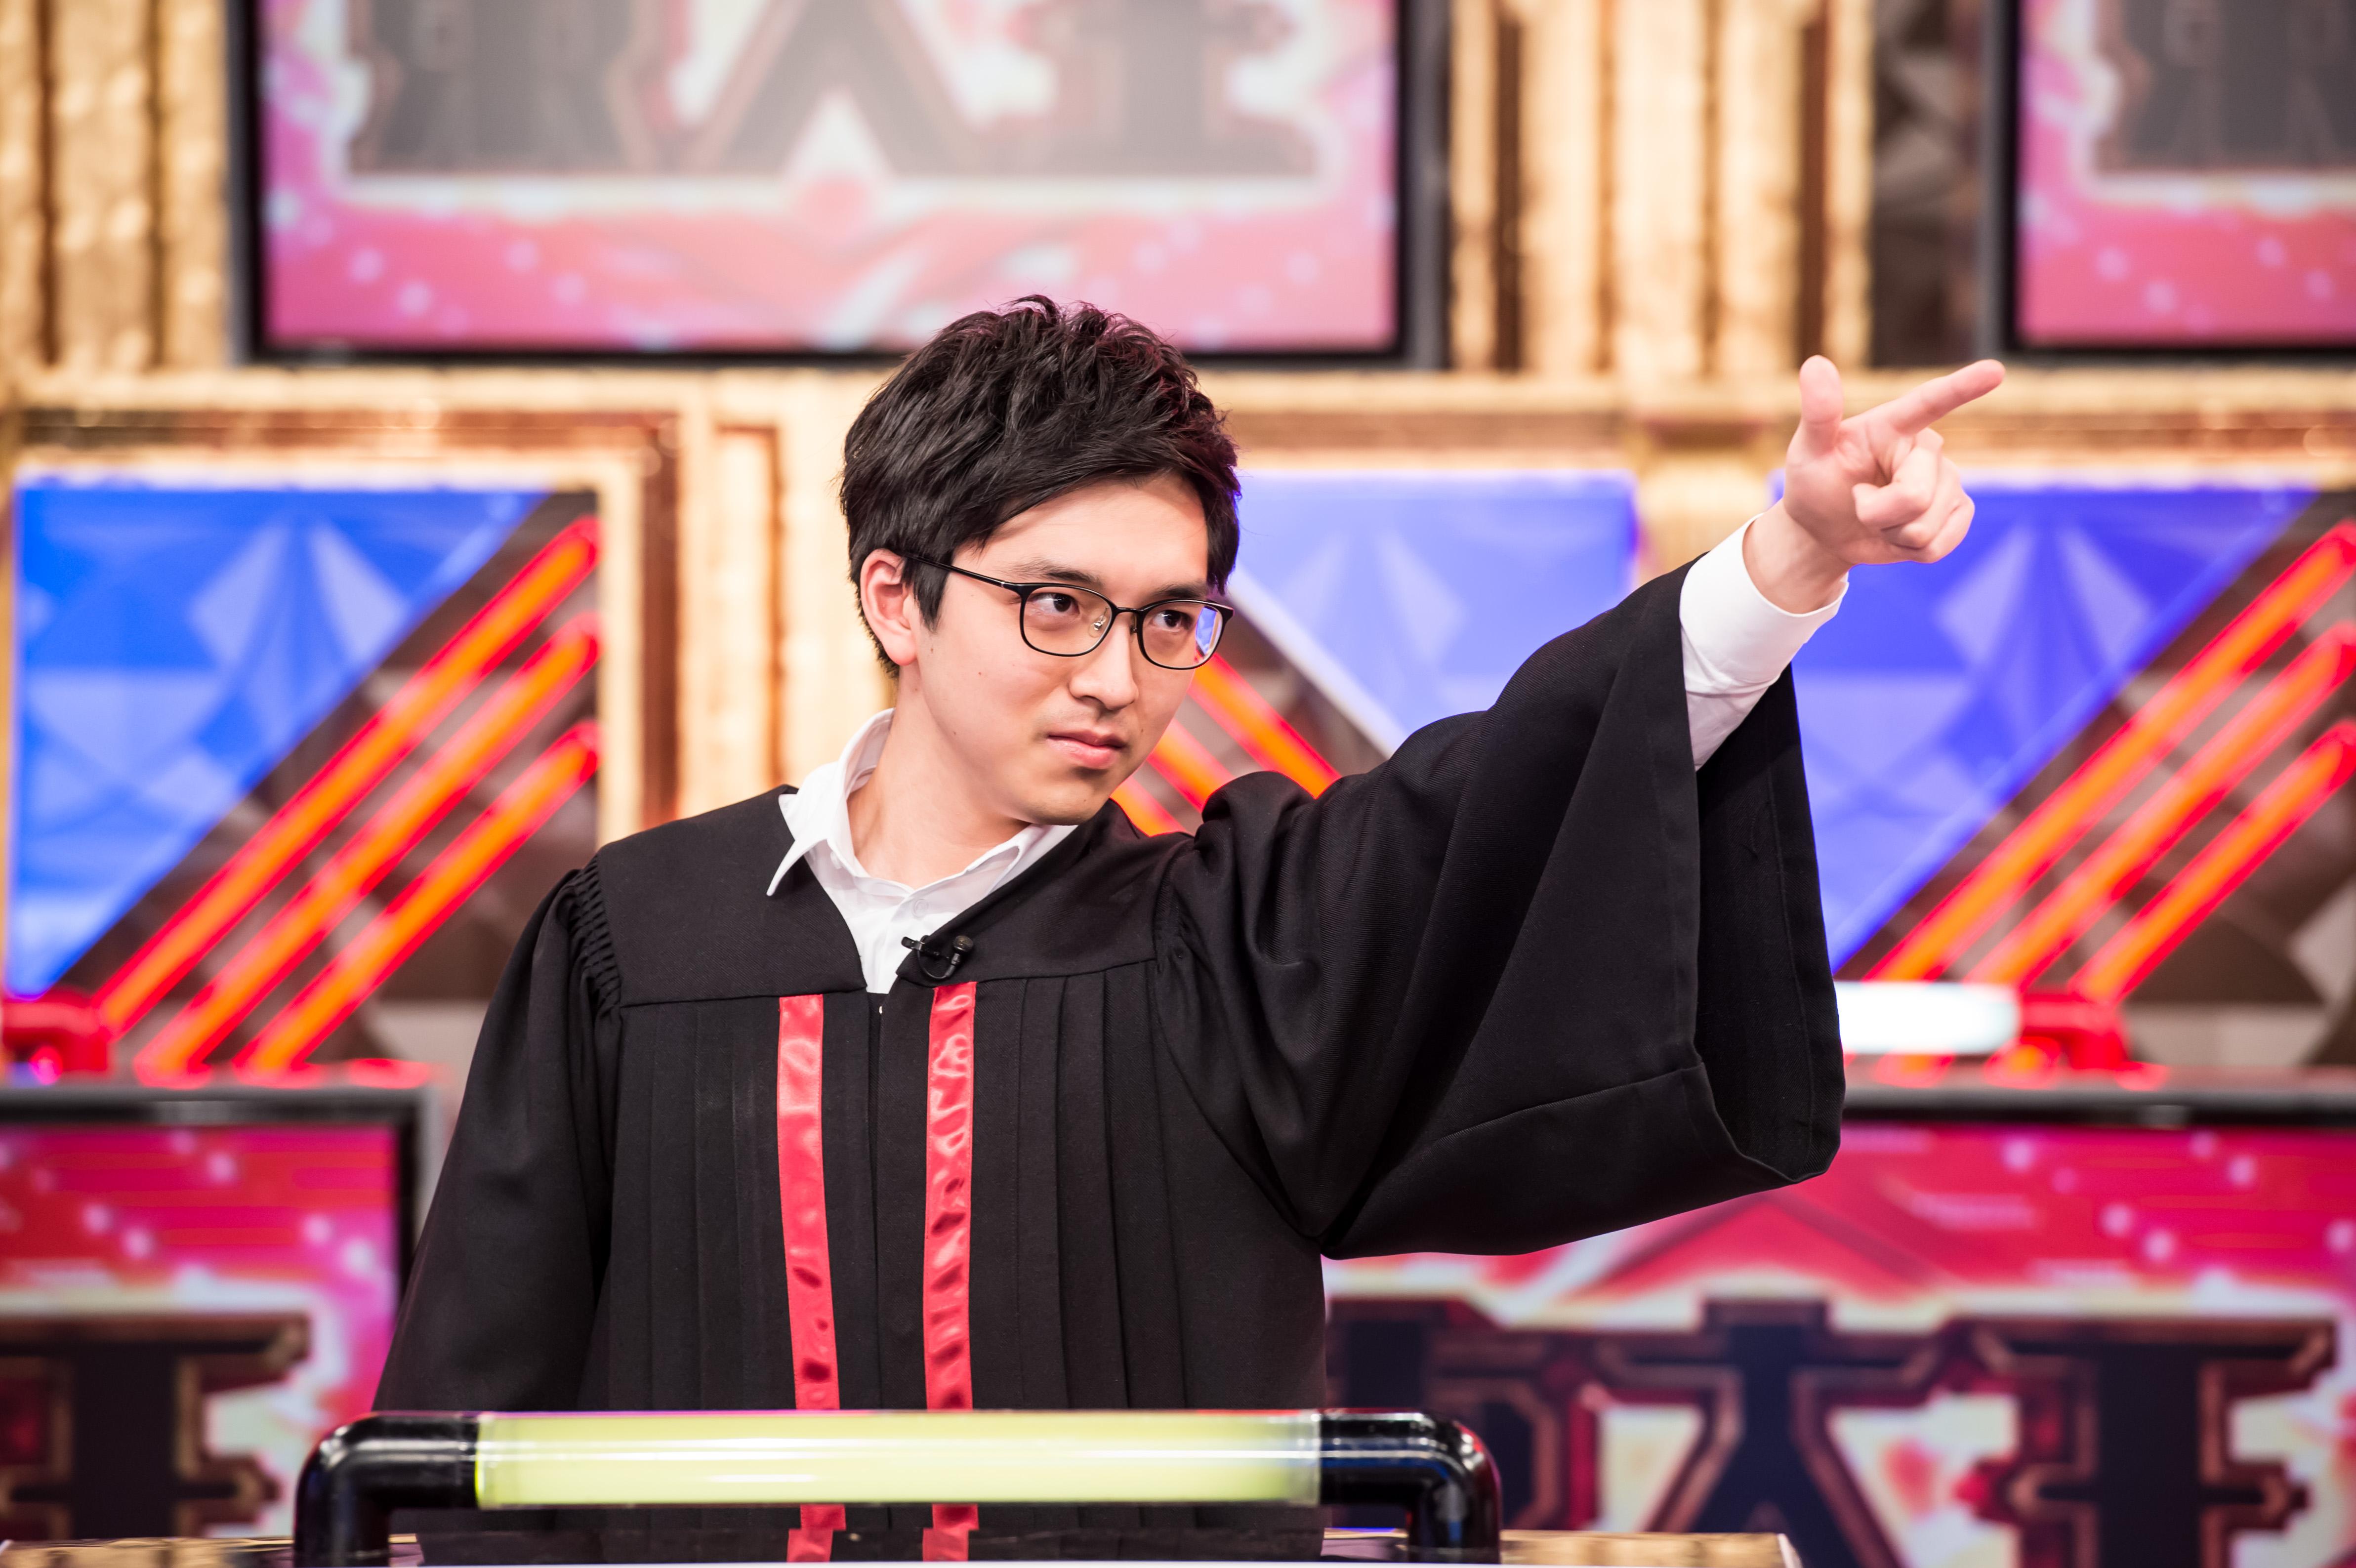 「受験にもクイズ番組にも落としちゃいけない問題がある」分析力が人生の活路を開く 東大王・林輝幸インタビュー(後編)